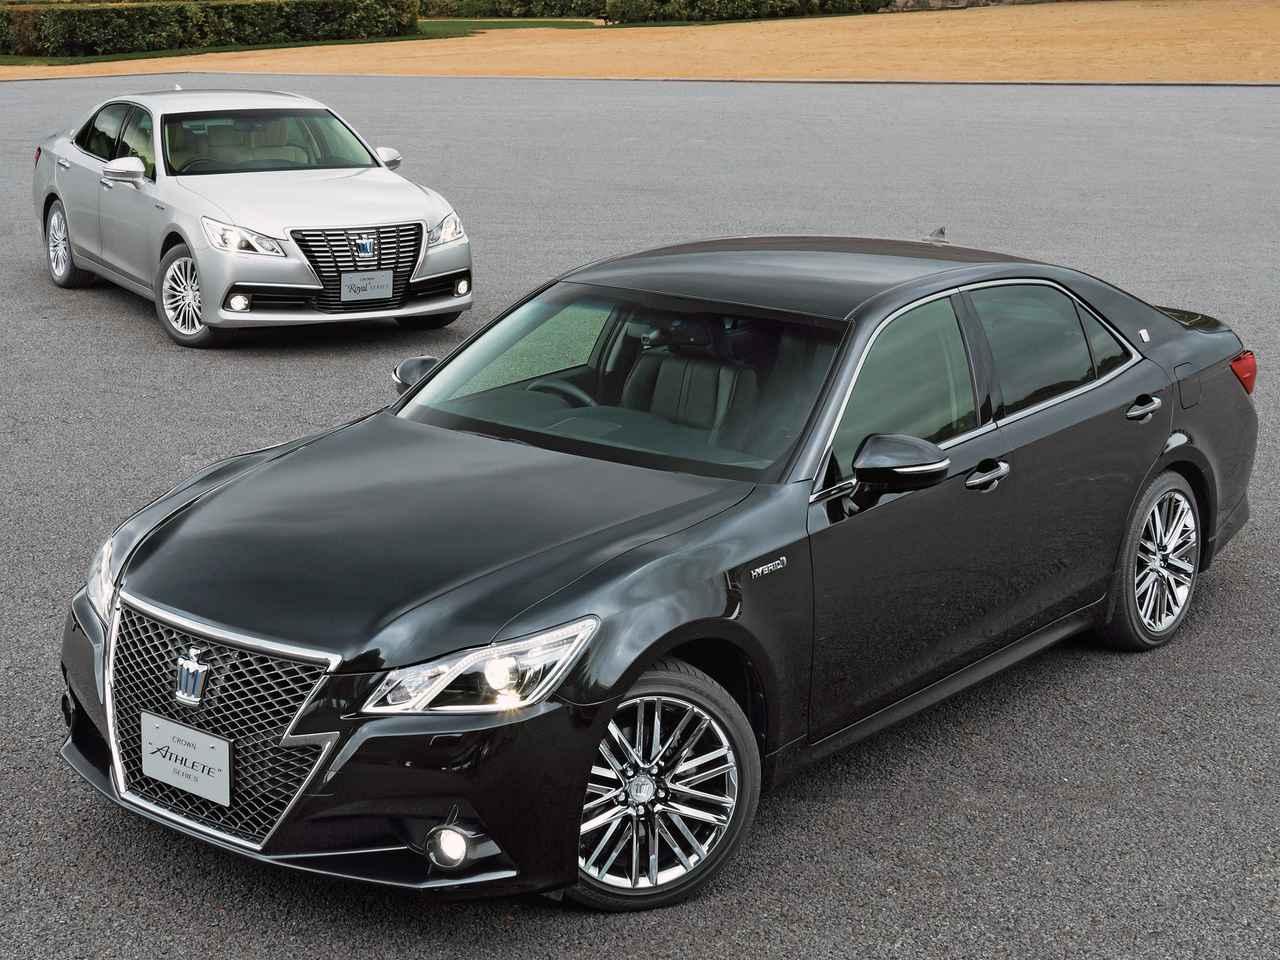 Crown Toyota Lawrence >> 【クラウンの軌跡 14】14代目はさまざまな新技術を投入するとともに、ロイヤルとアスリートの違いを鮮明化 ...